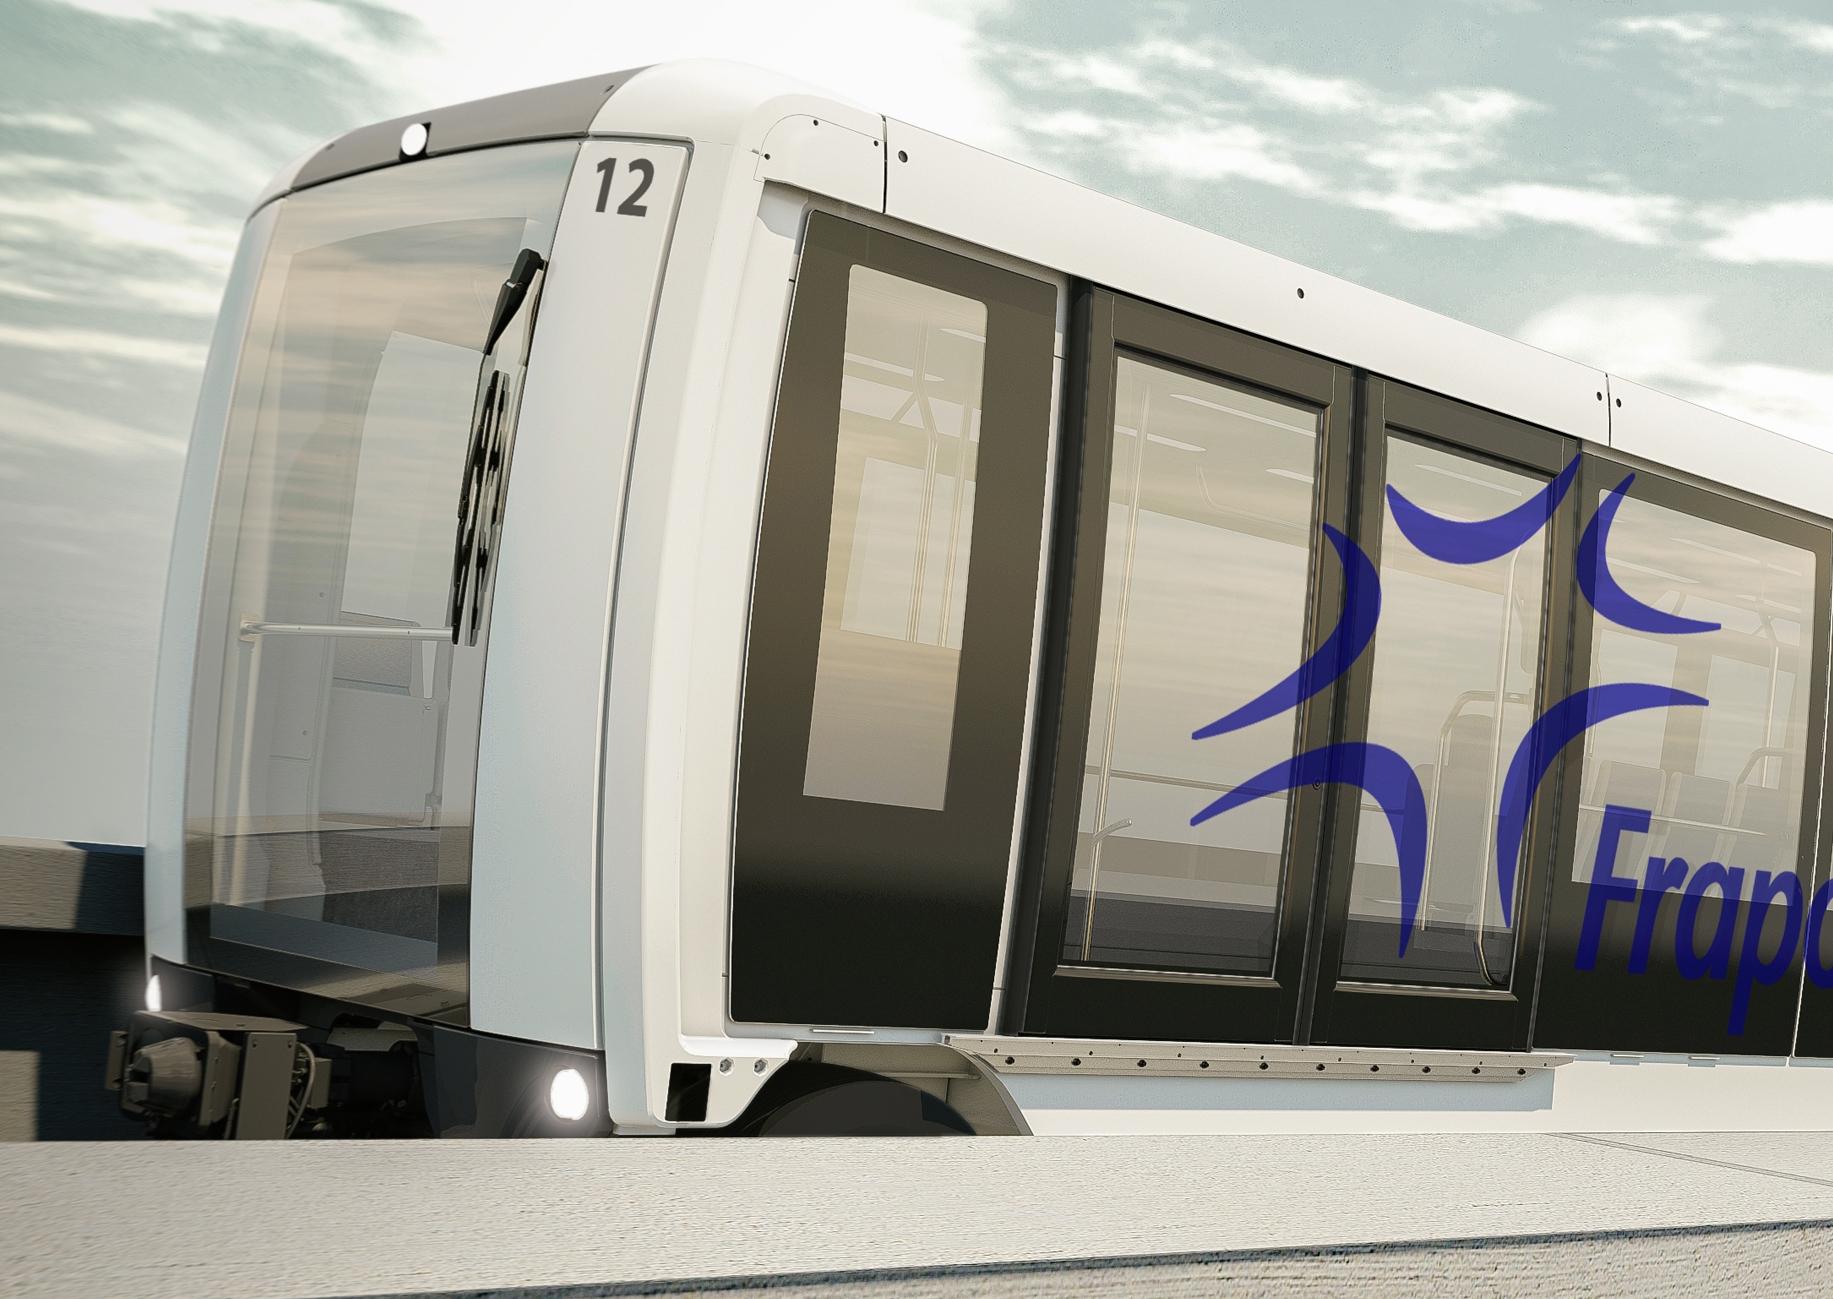 fahrerlose Bahn für den Personentransport am Frankfurter Flughafen Fraport